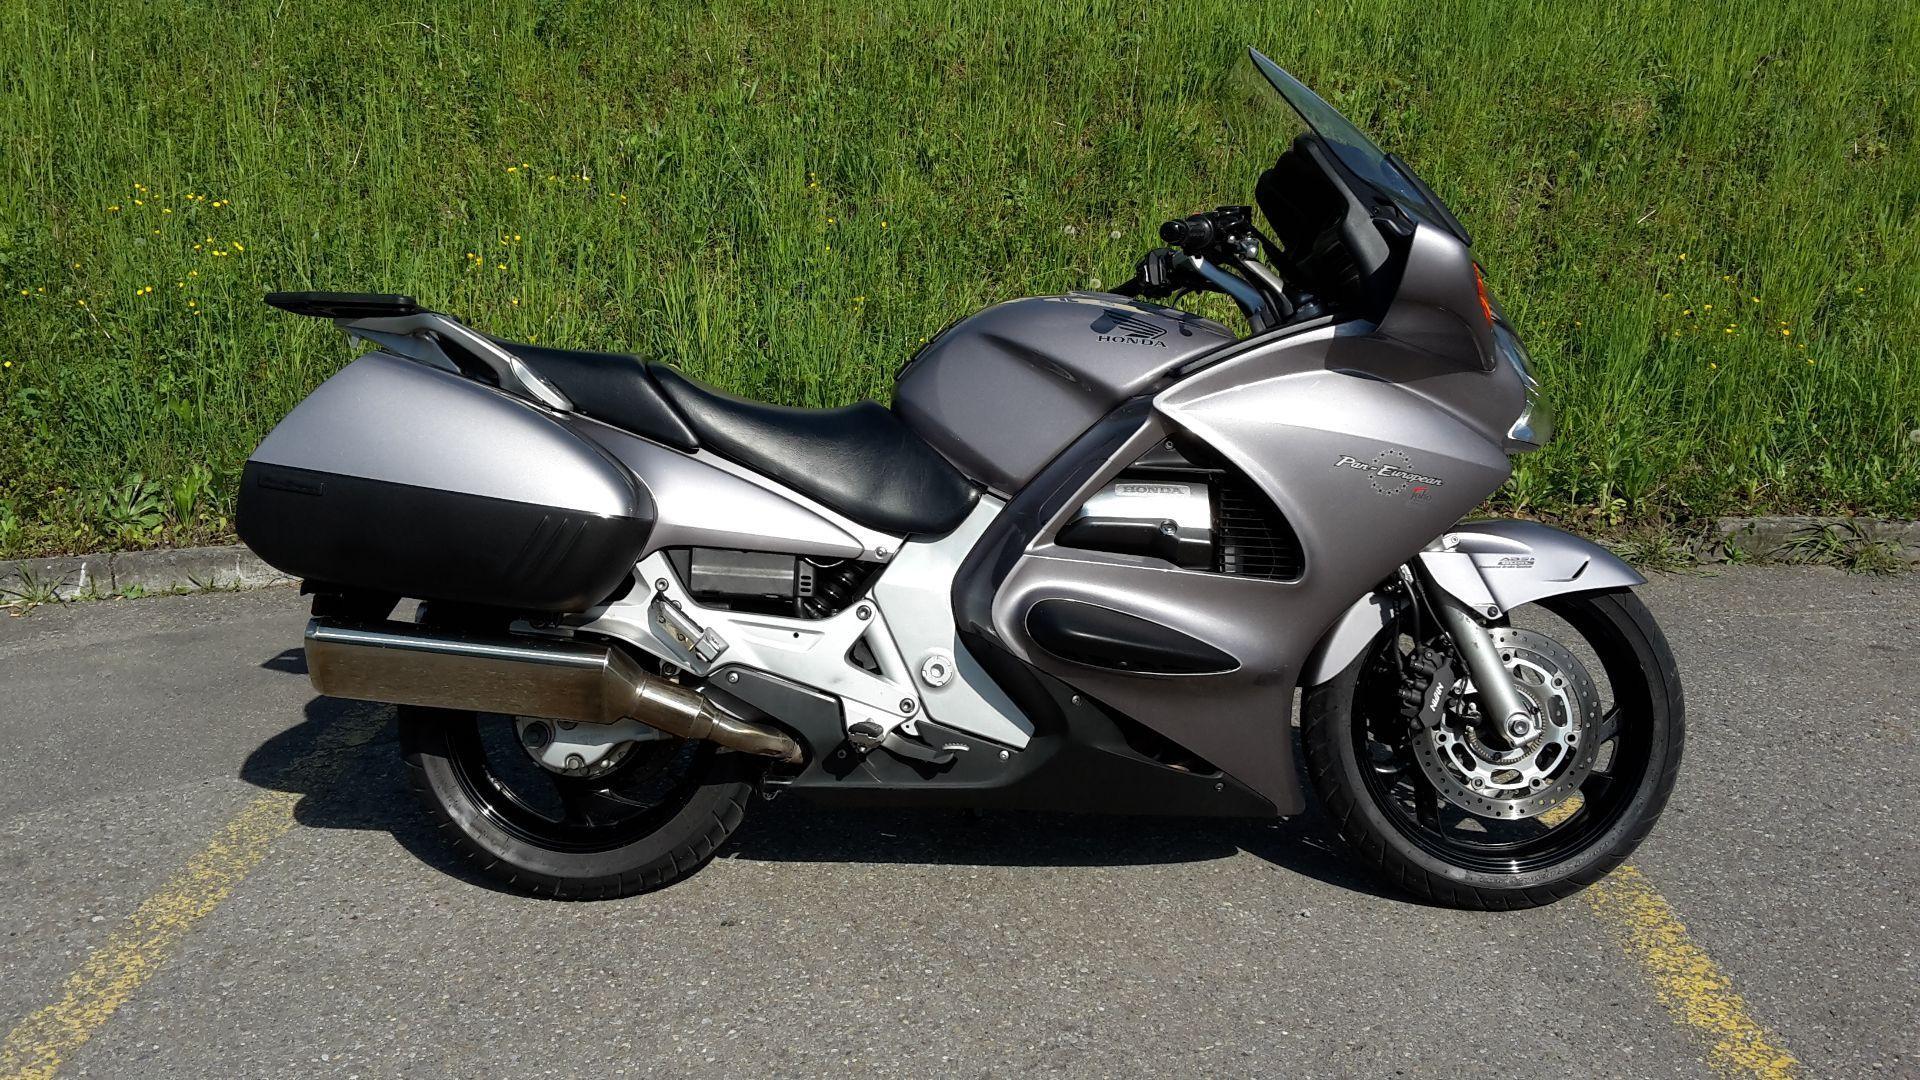 пан европа мотоцикл фото считается, что хорошо